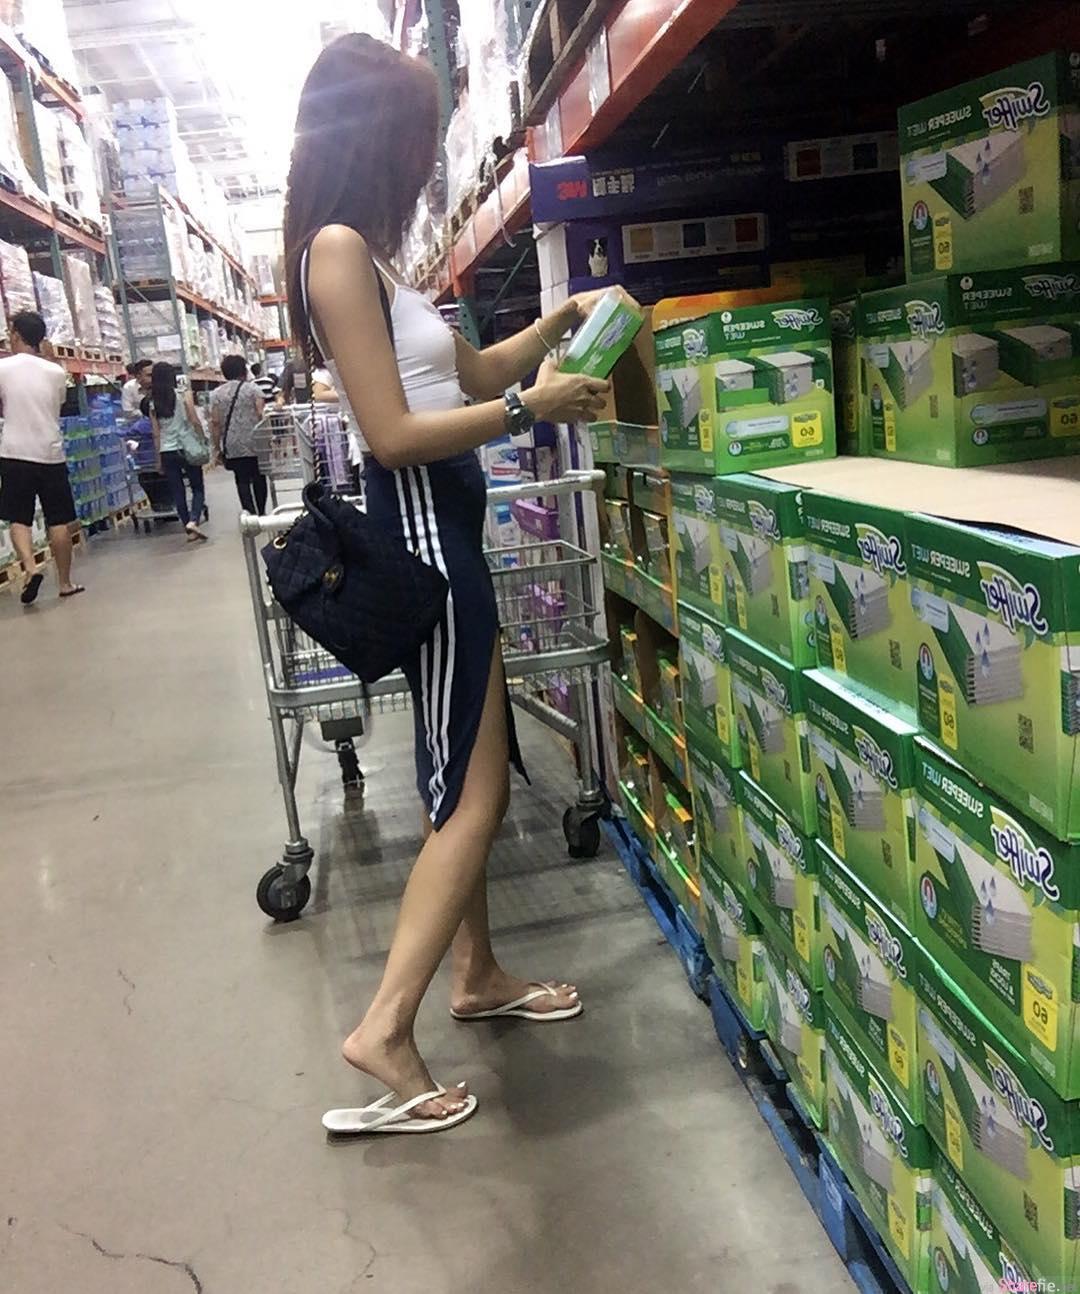 逛超市遇到高开衩长腿妹妹 ,慢慢的靠近原来遇到女神